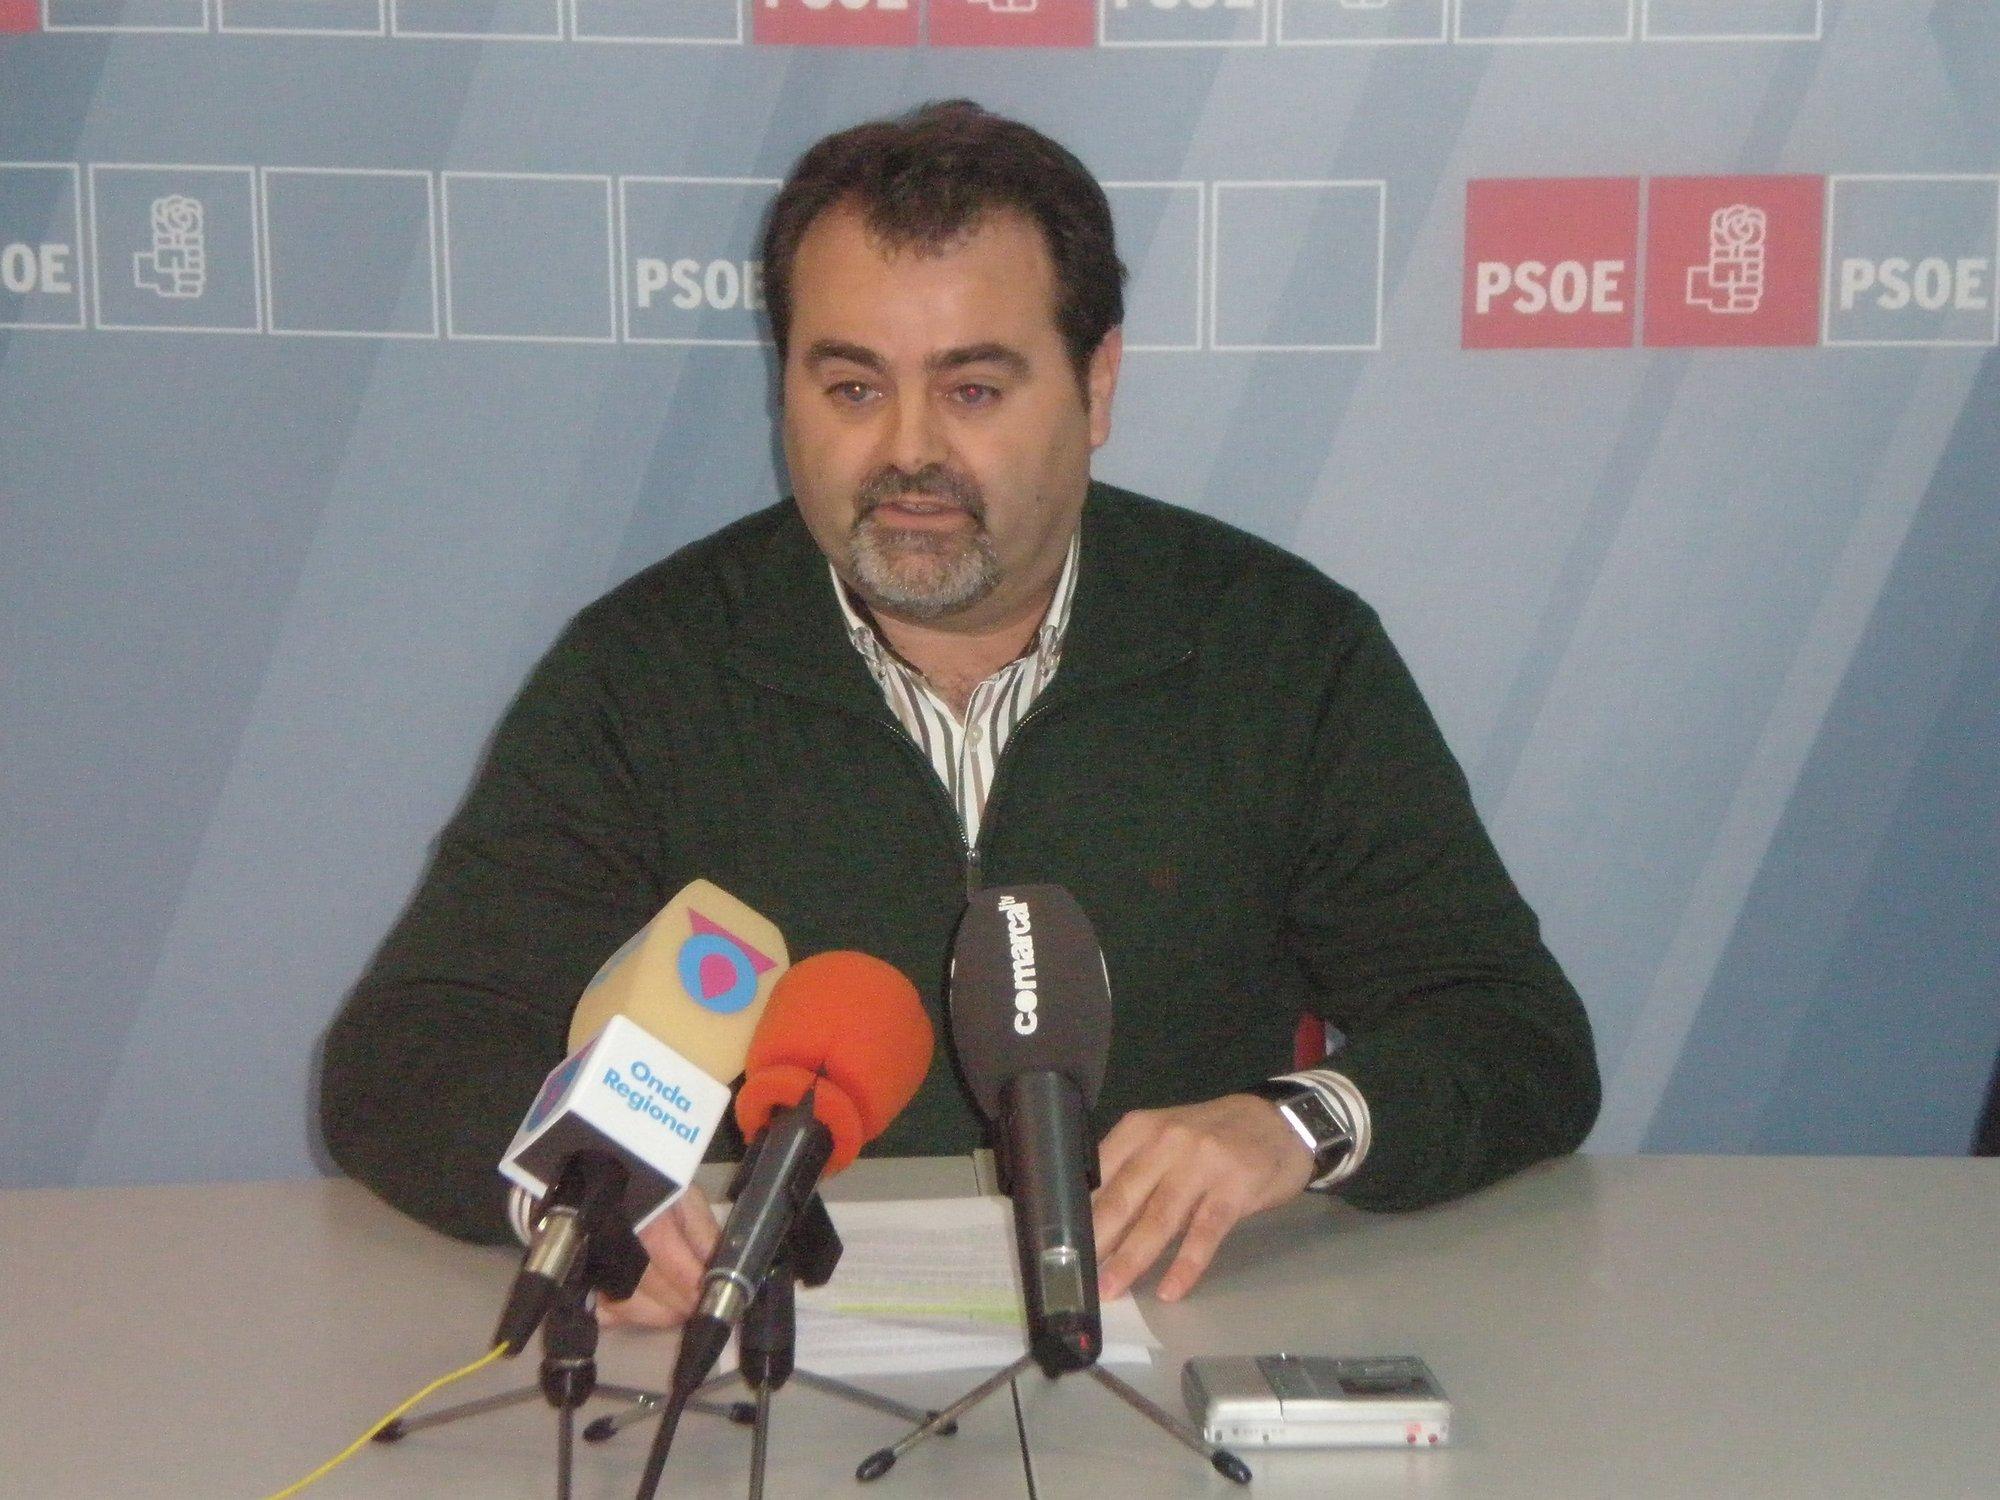 PSOE de Lorca denuncia que la Comunidad Autónoma está valorando hasta un 40% menos que el Consorcio